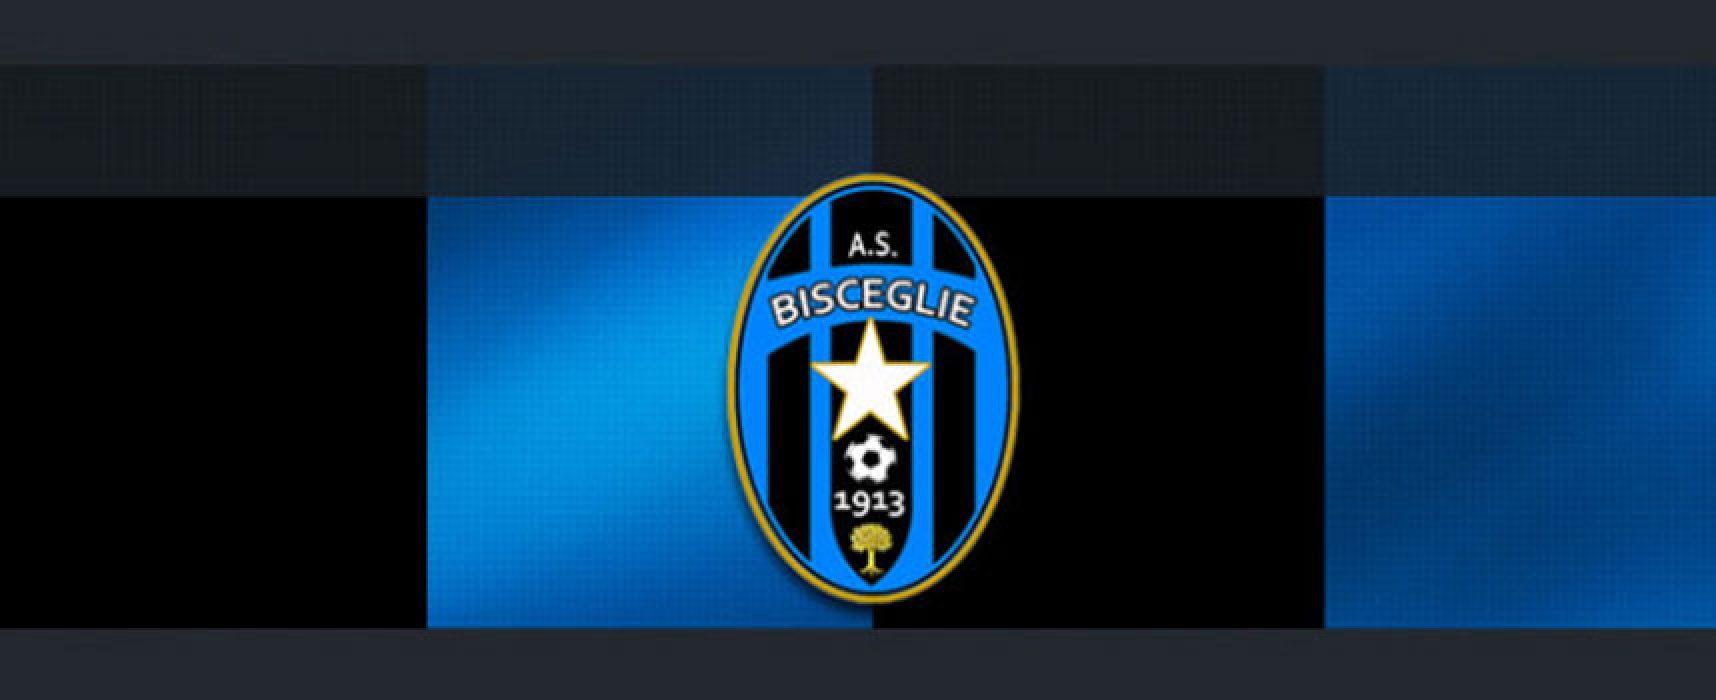 Bisceglie calcio fuori dalla graduatoria di ripescaggio in Serie C